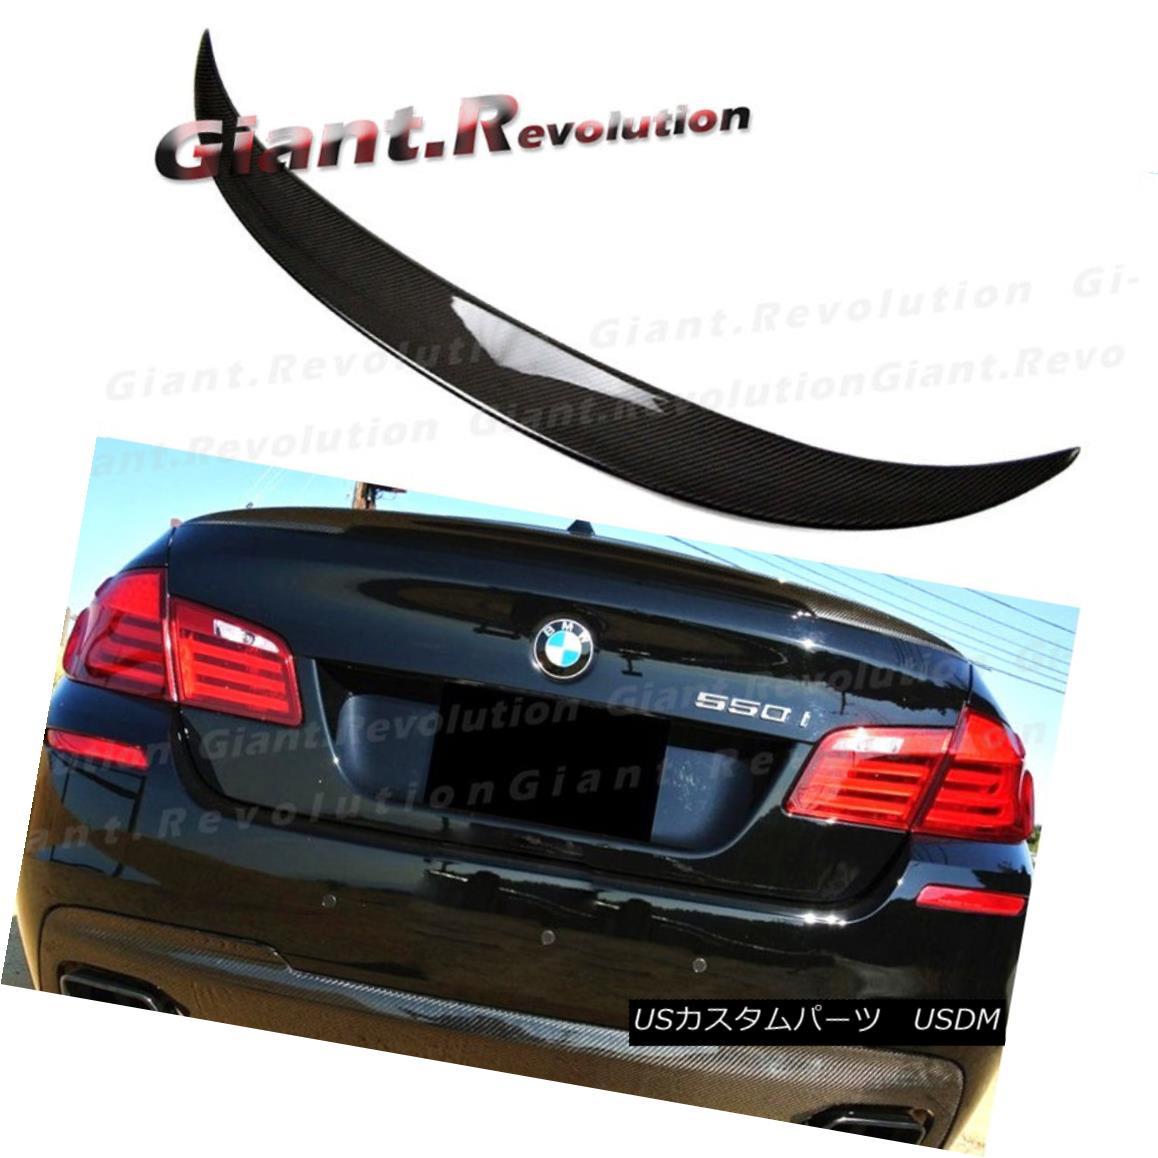 エアロパーツ Fit 11-16 BW F10 528i 550i M5 4D Wing Carbon Fiber P Type Trunk Spoiler Add Tail フィット11-16 BW F10 528i 550i M5 4Dウィング炭素繊維Pタイプトランク・スポイラー追加テール